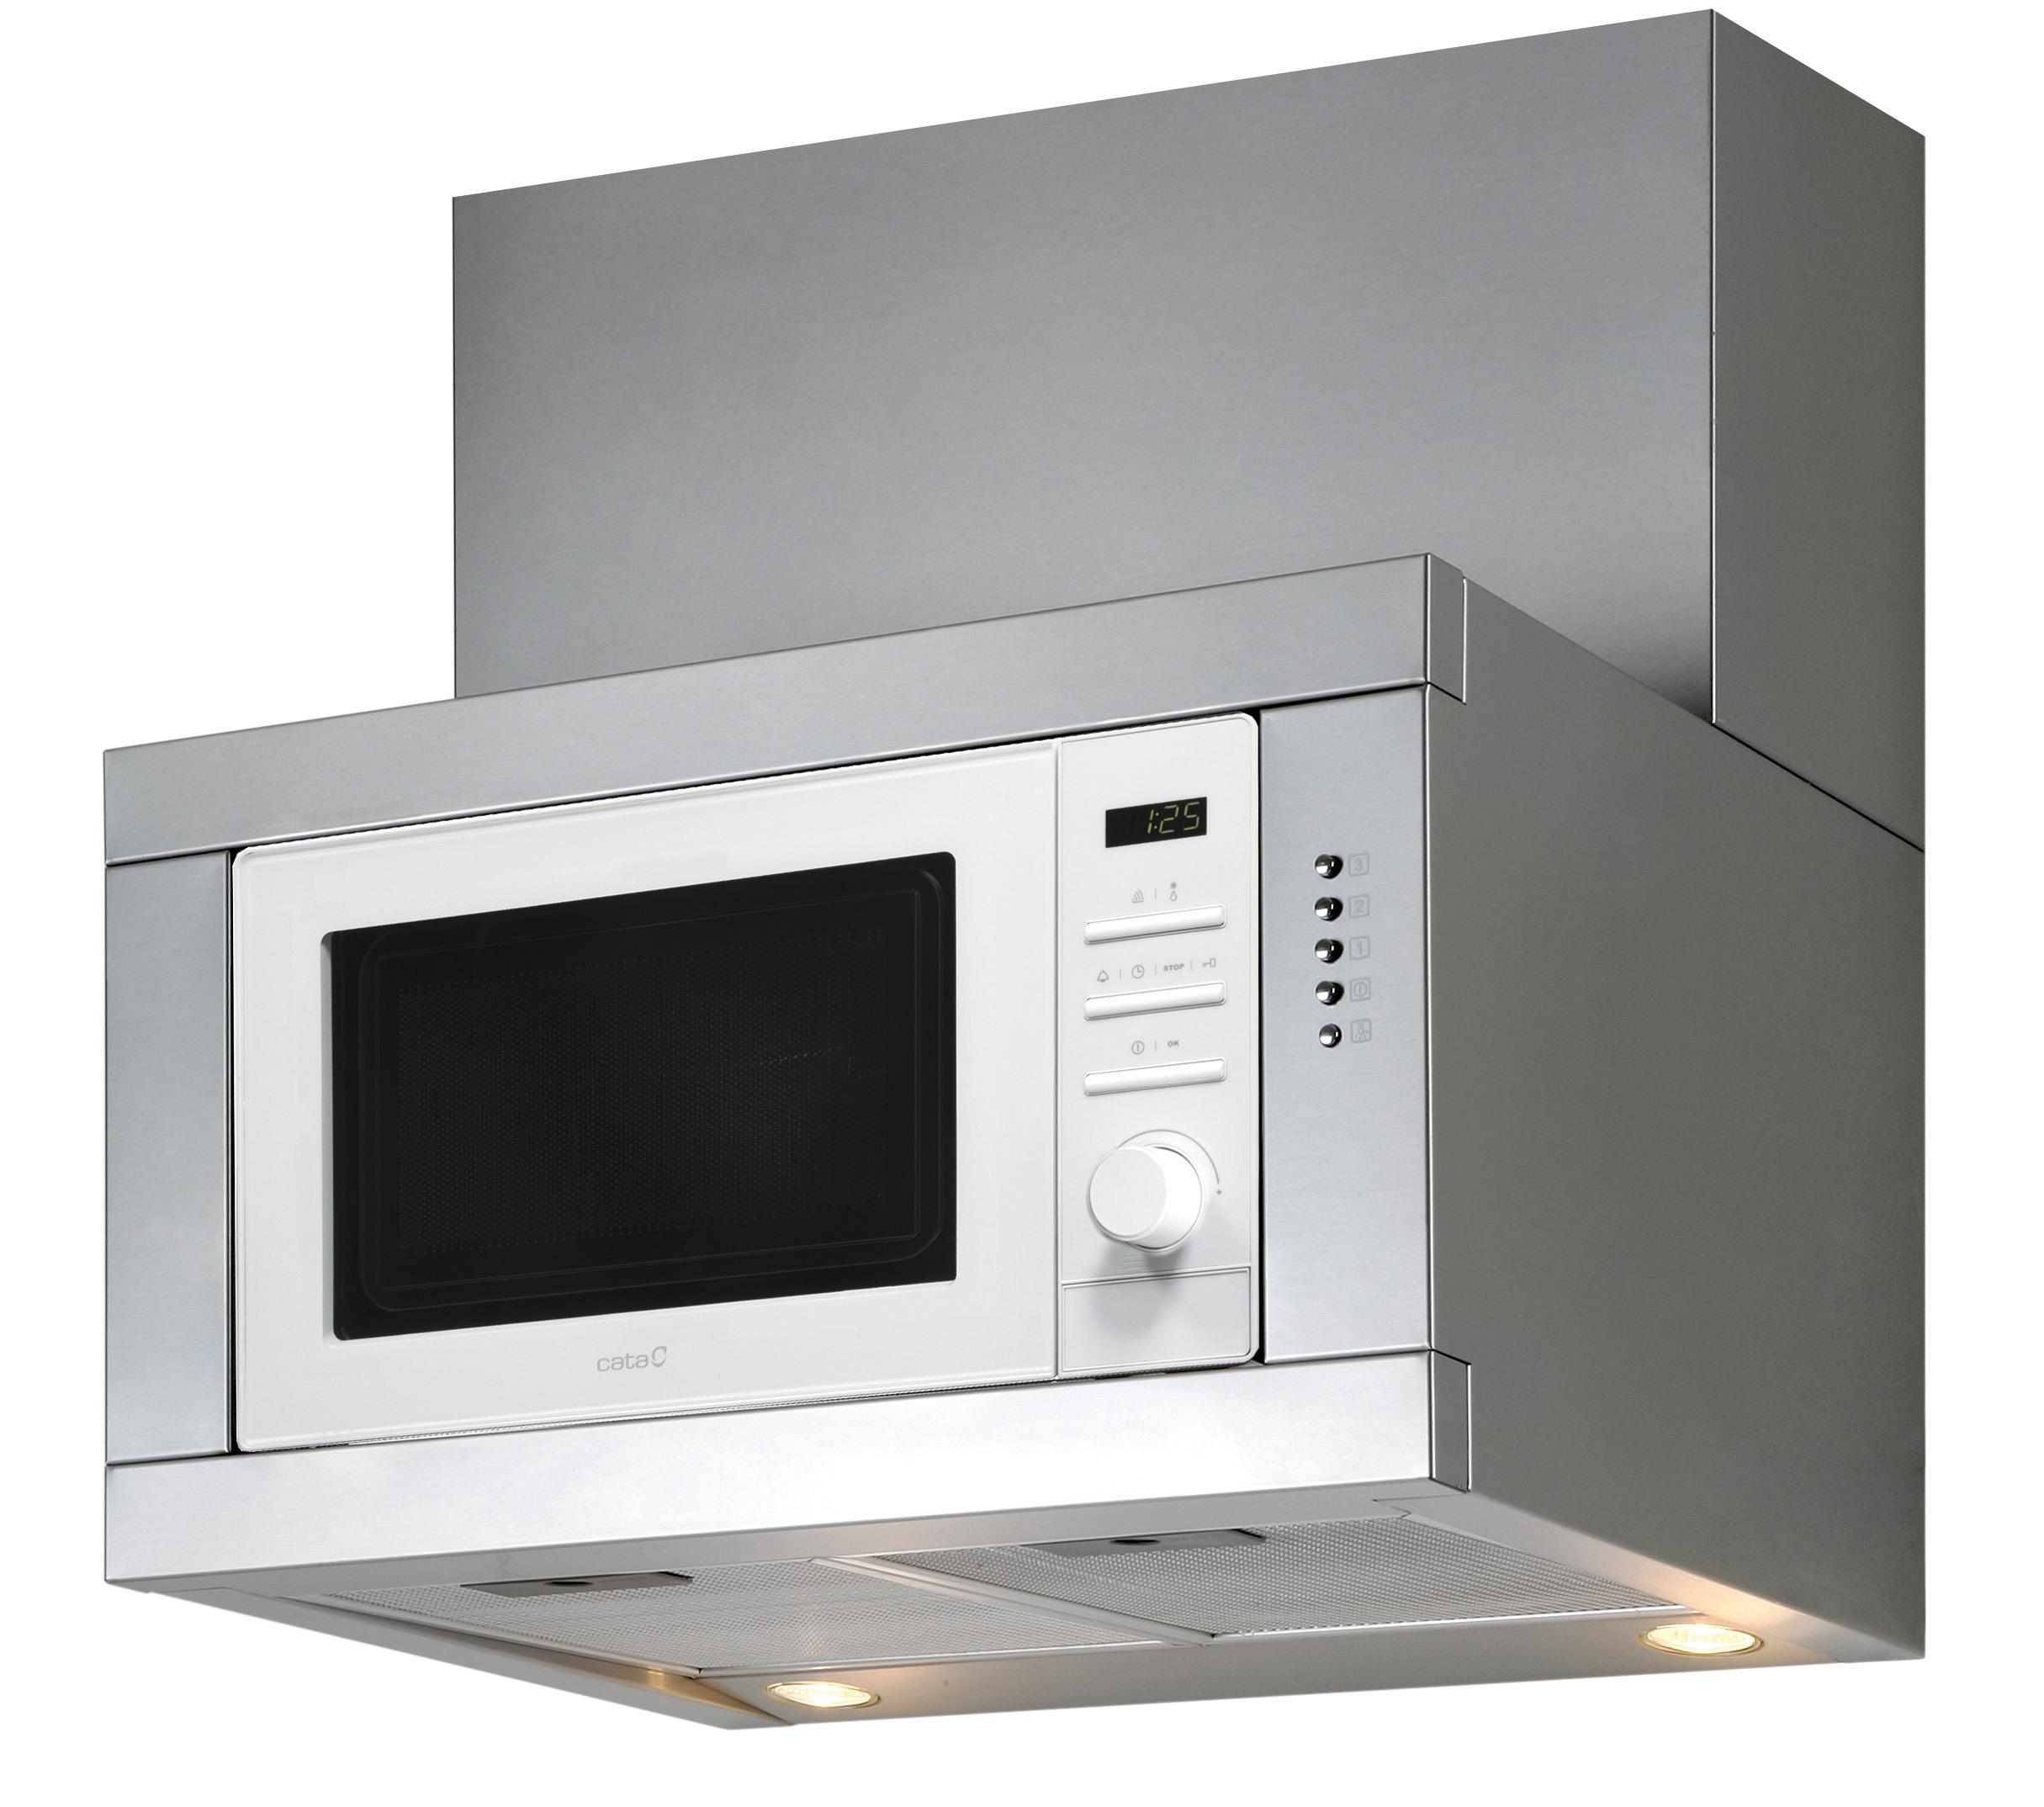 Who Makes Todo Kitchen Appliances